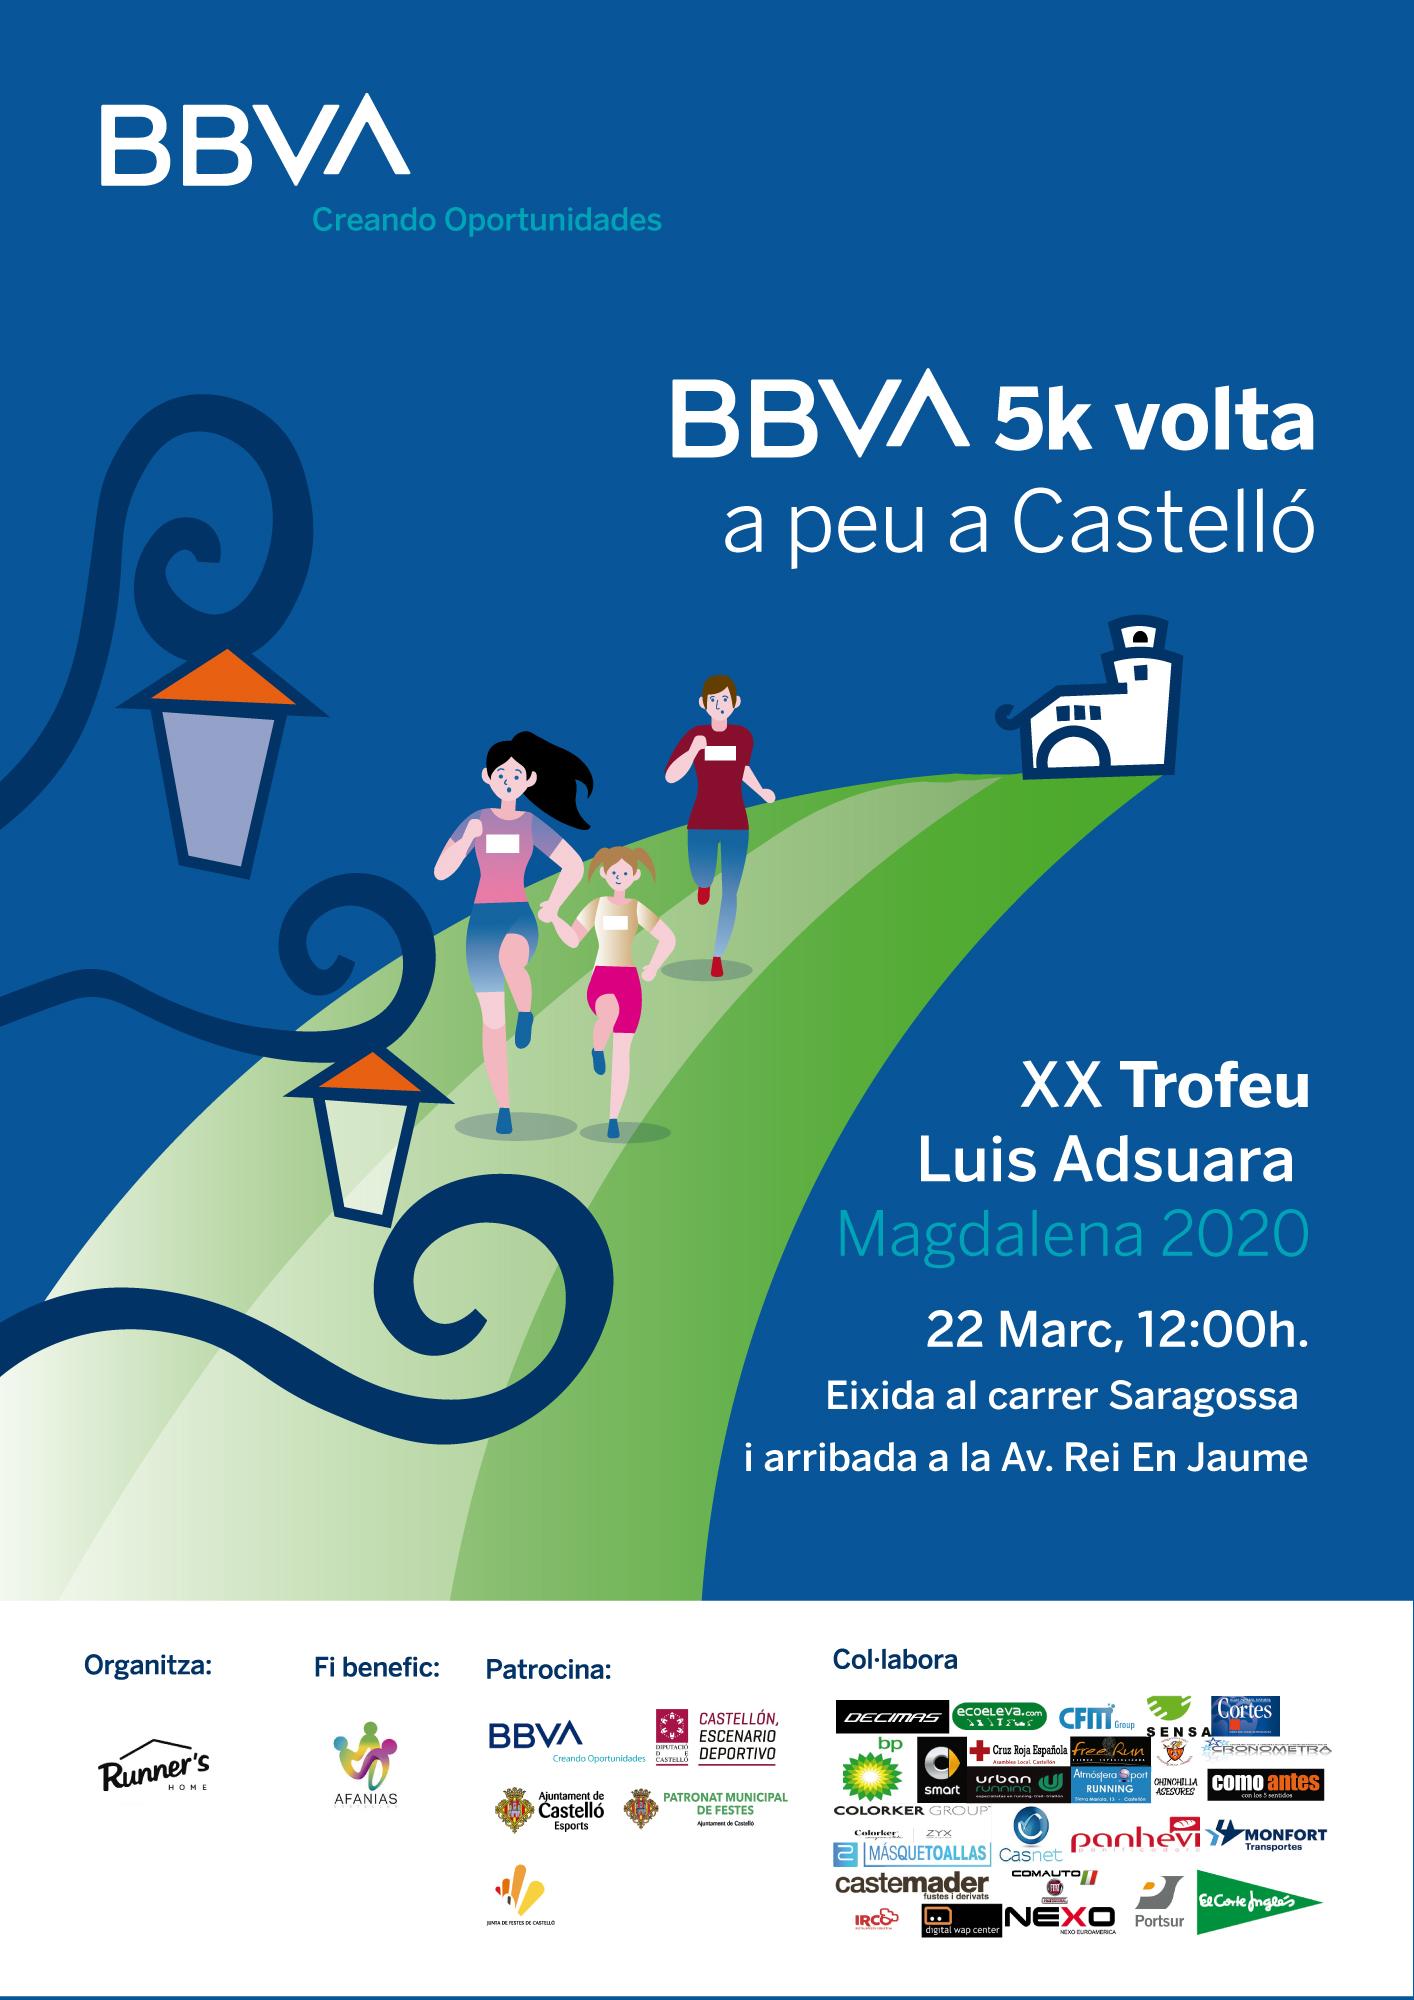 BBVA 5K -VOLTA A PEU A LA CIUTAT DE CASTELLO-XX TROFEU LUIS ADSUARA